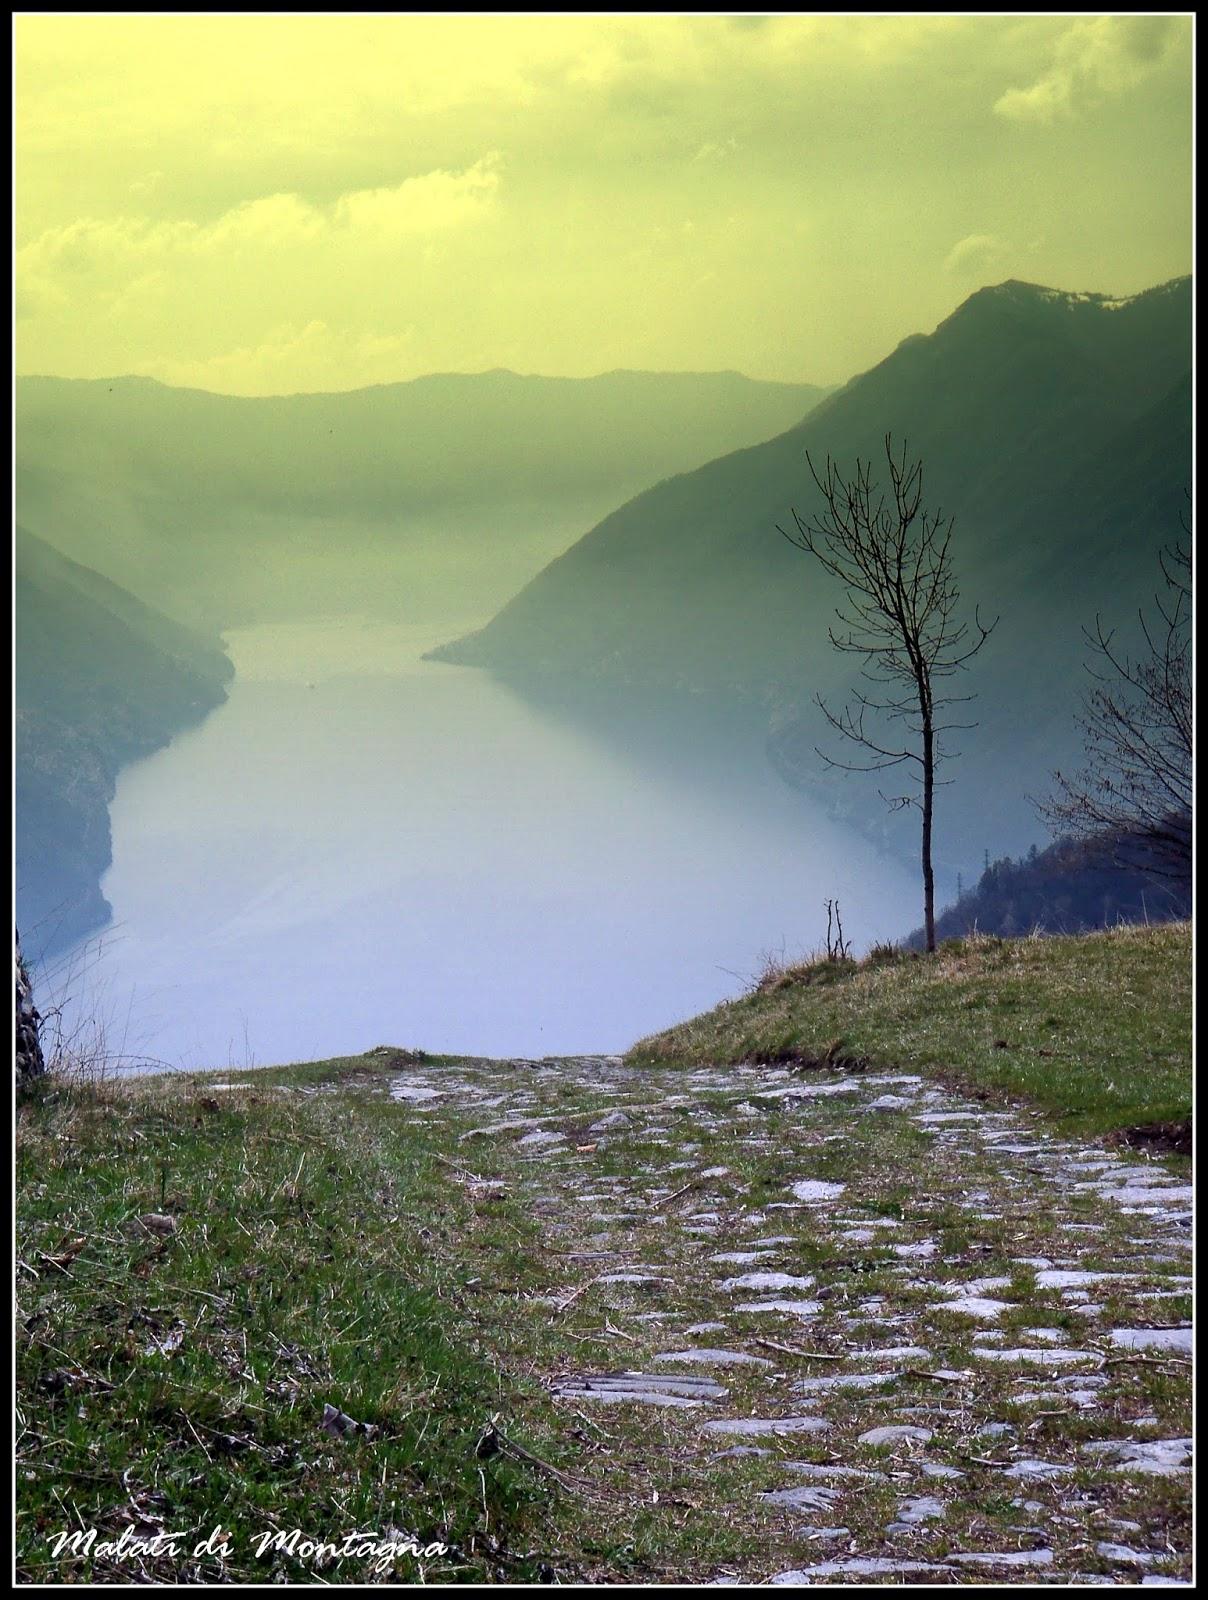 Malati di montagna alla cima della duaria tra antichi borghi e vecchie mulattiere - Riscaldare velocemente casa montagna ...